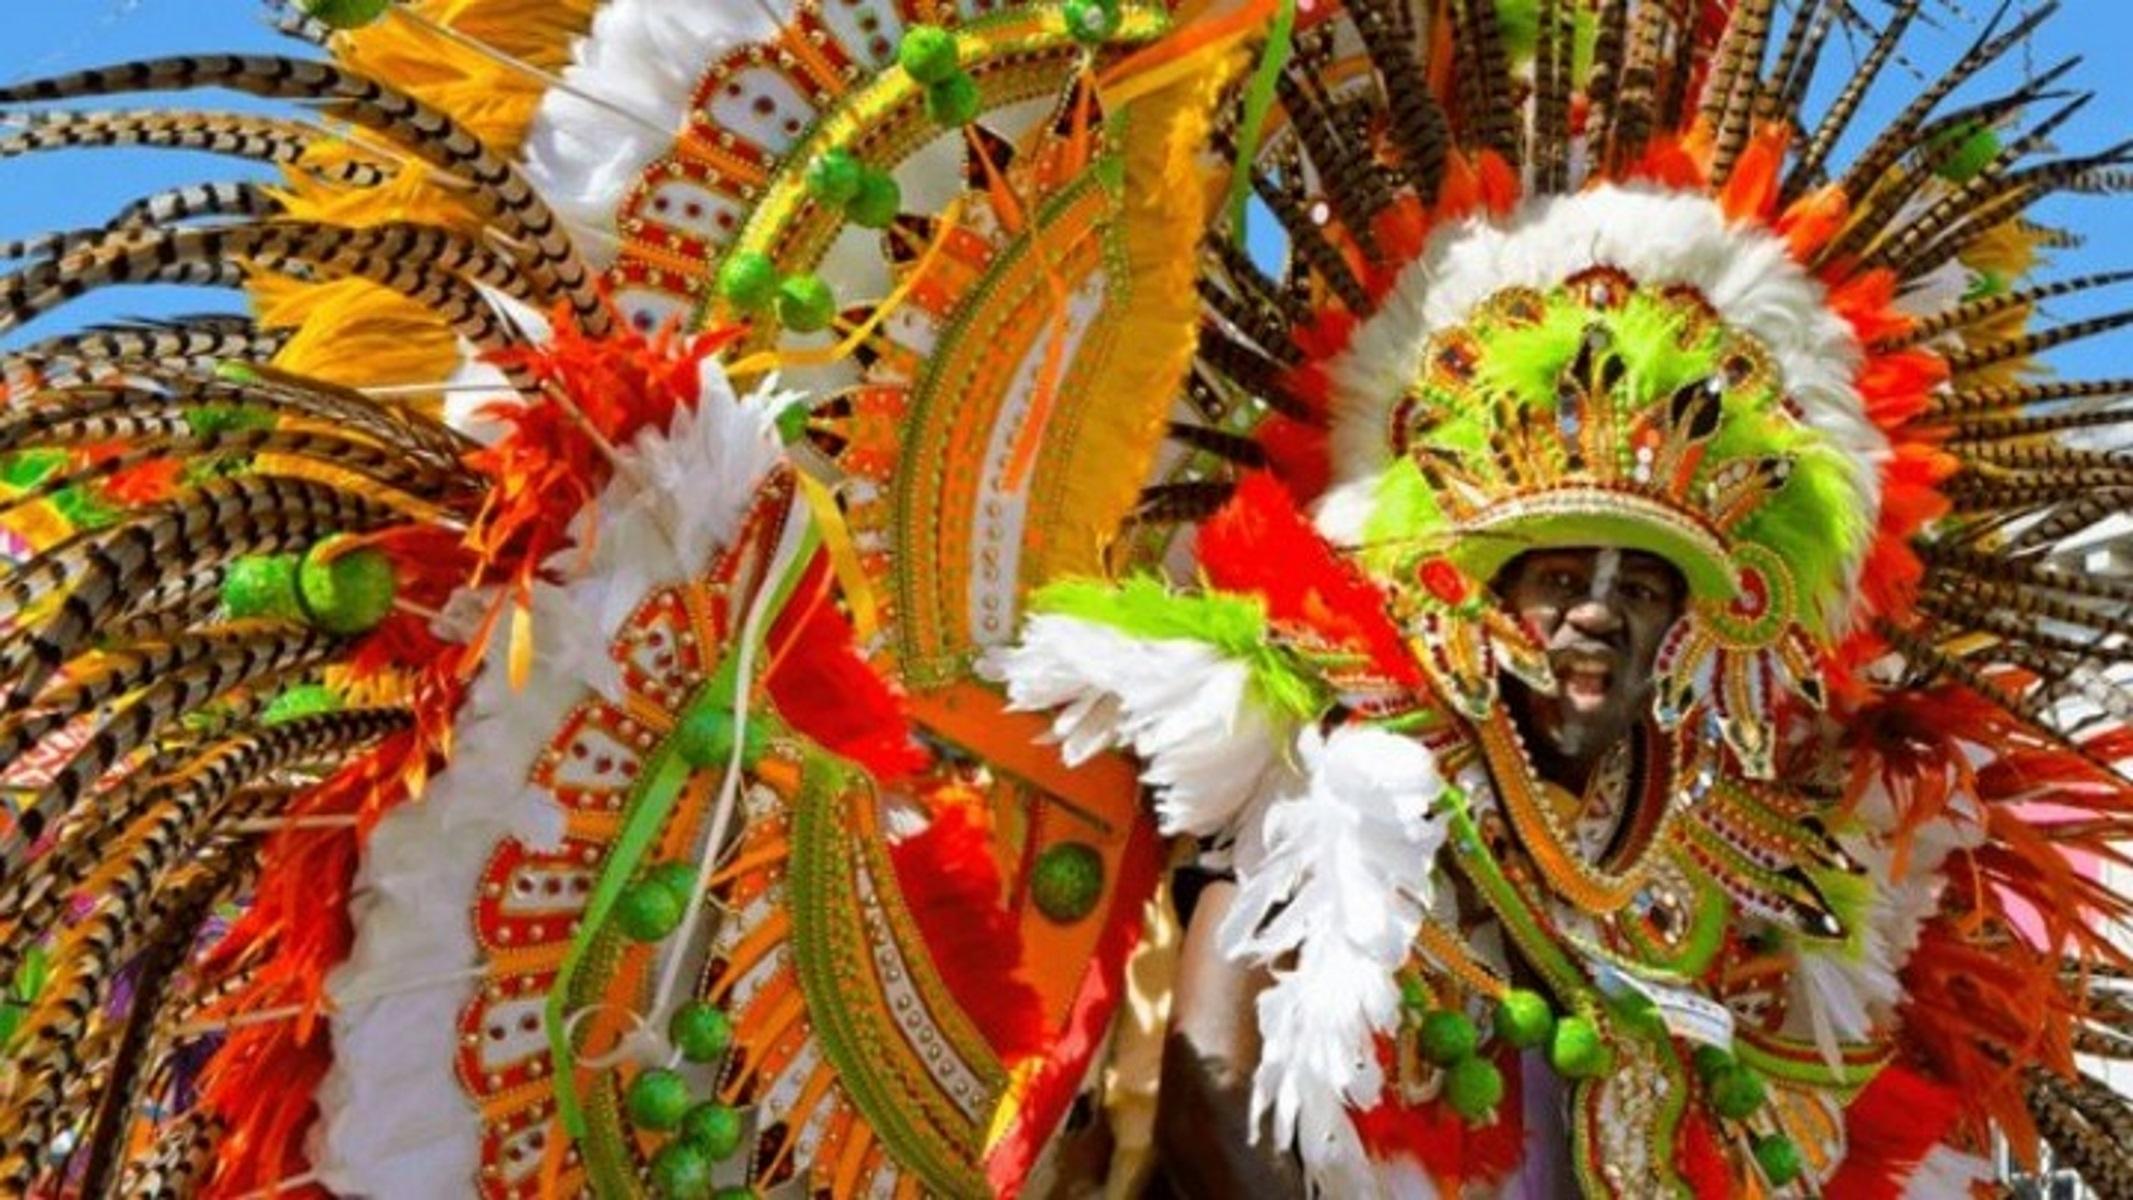 «Τζανκανού»: Το καρναβάλι – σύμβολο στις Μπαχάμες είναι η ελπίδα κόντρα στην πανδημία